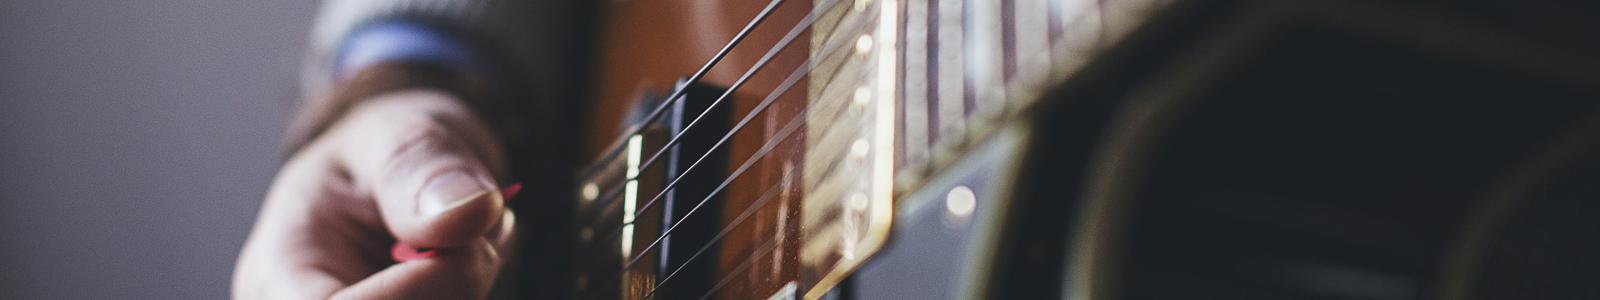 Leer gitaar en bas spelen